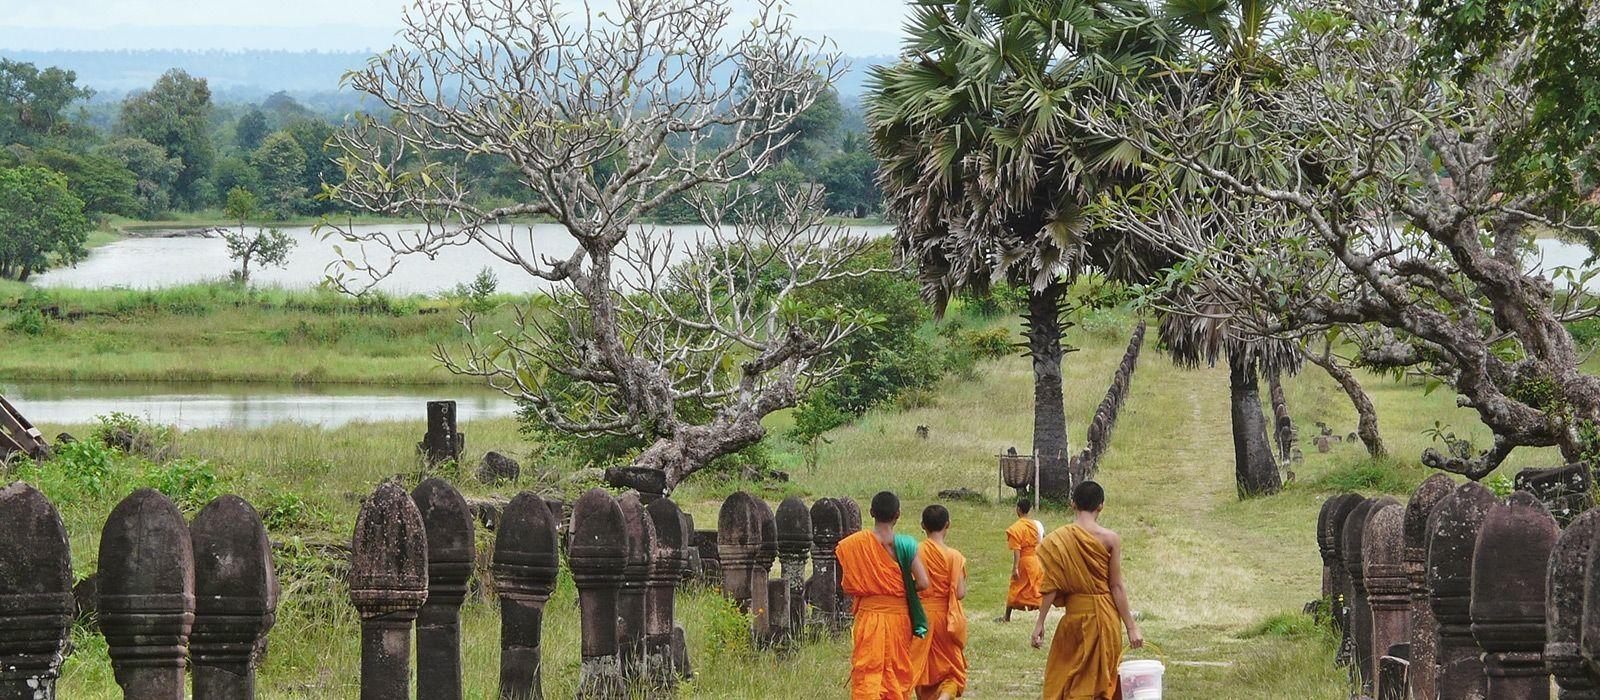 Laos Reise zu Lande und zu Wasser Urlaub 4